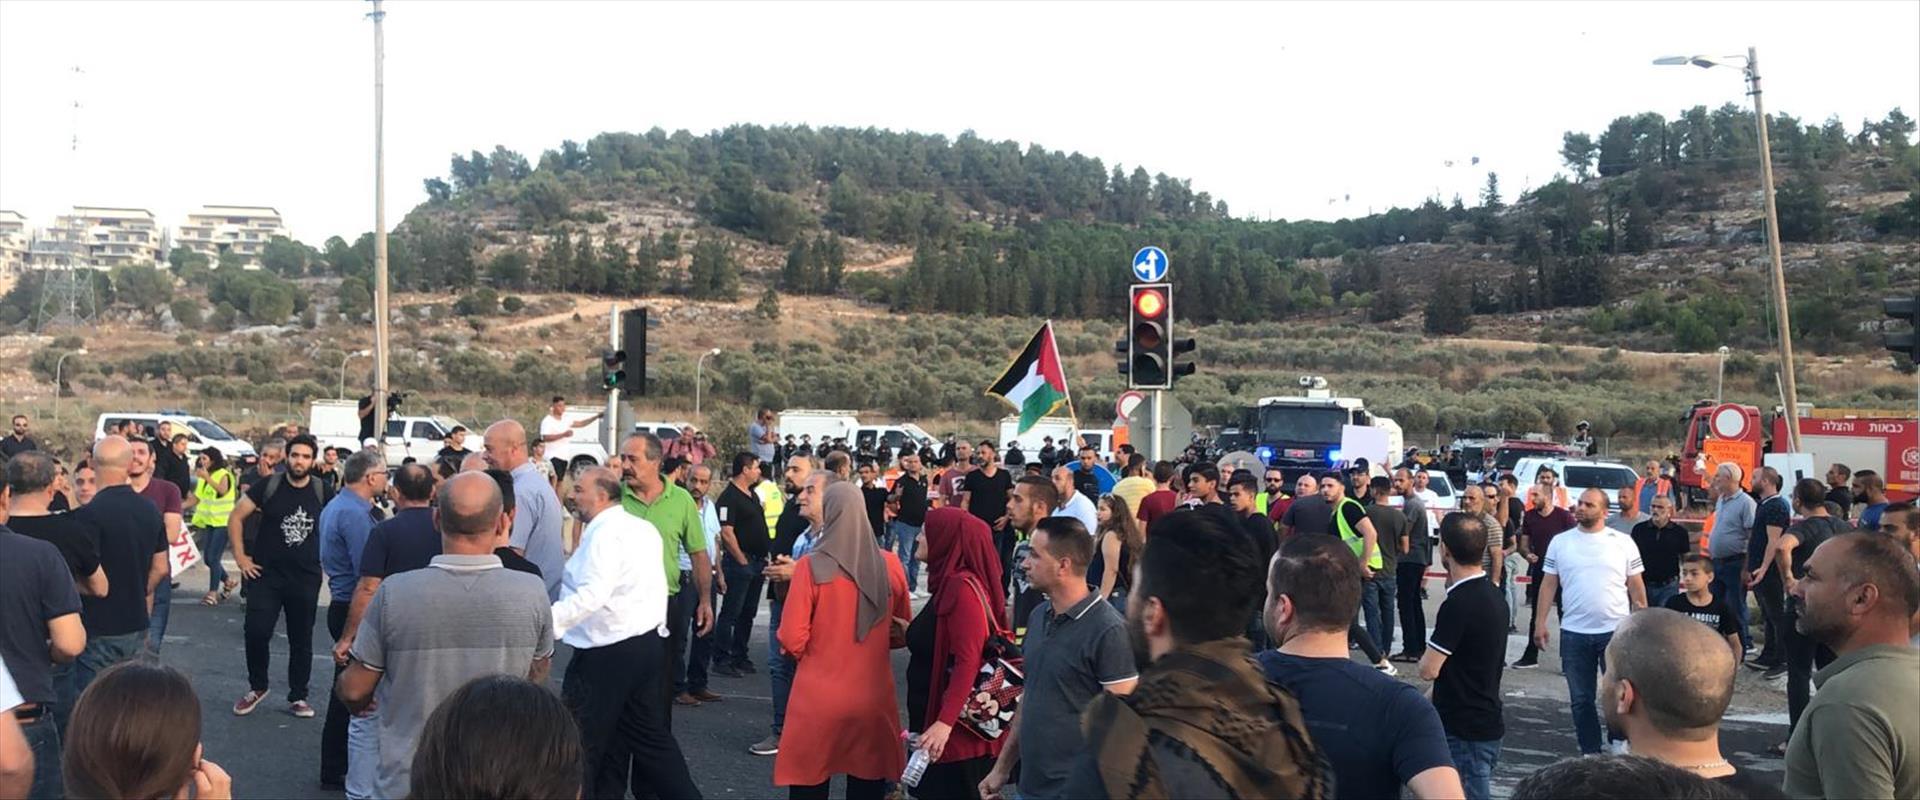 הפגנת מחאה של ערבים במג' אל כרום נגד האלימות, 03.1